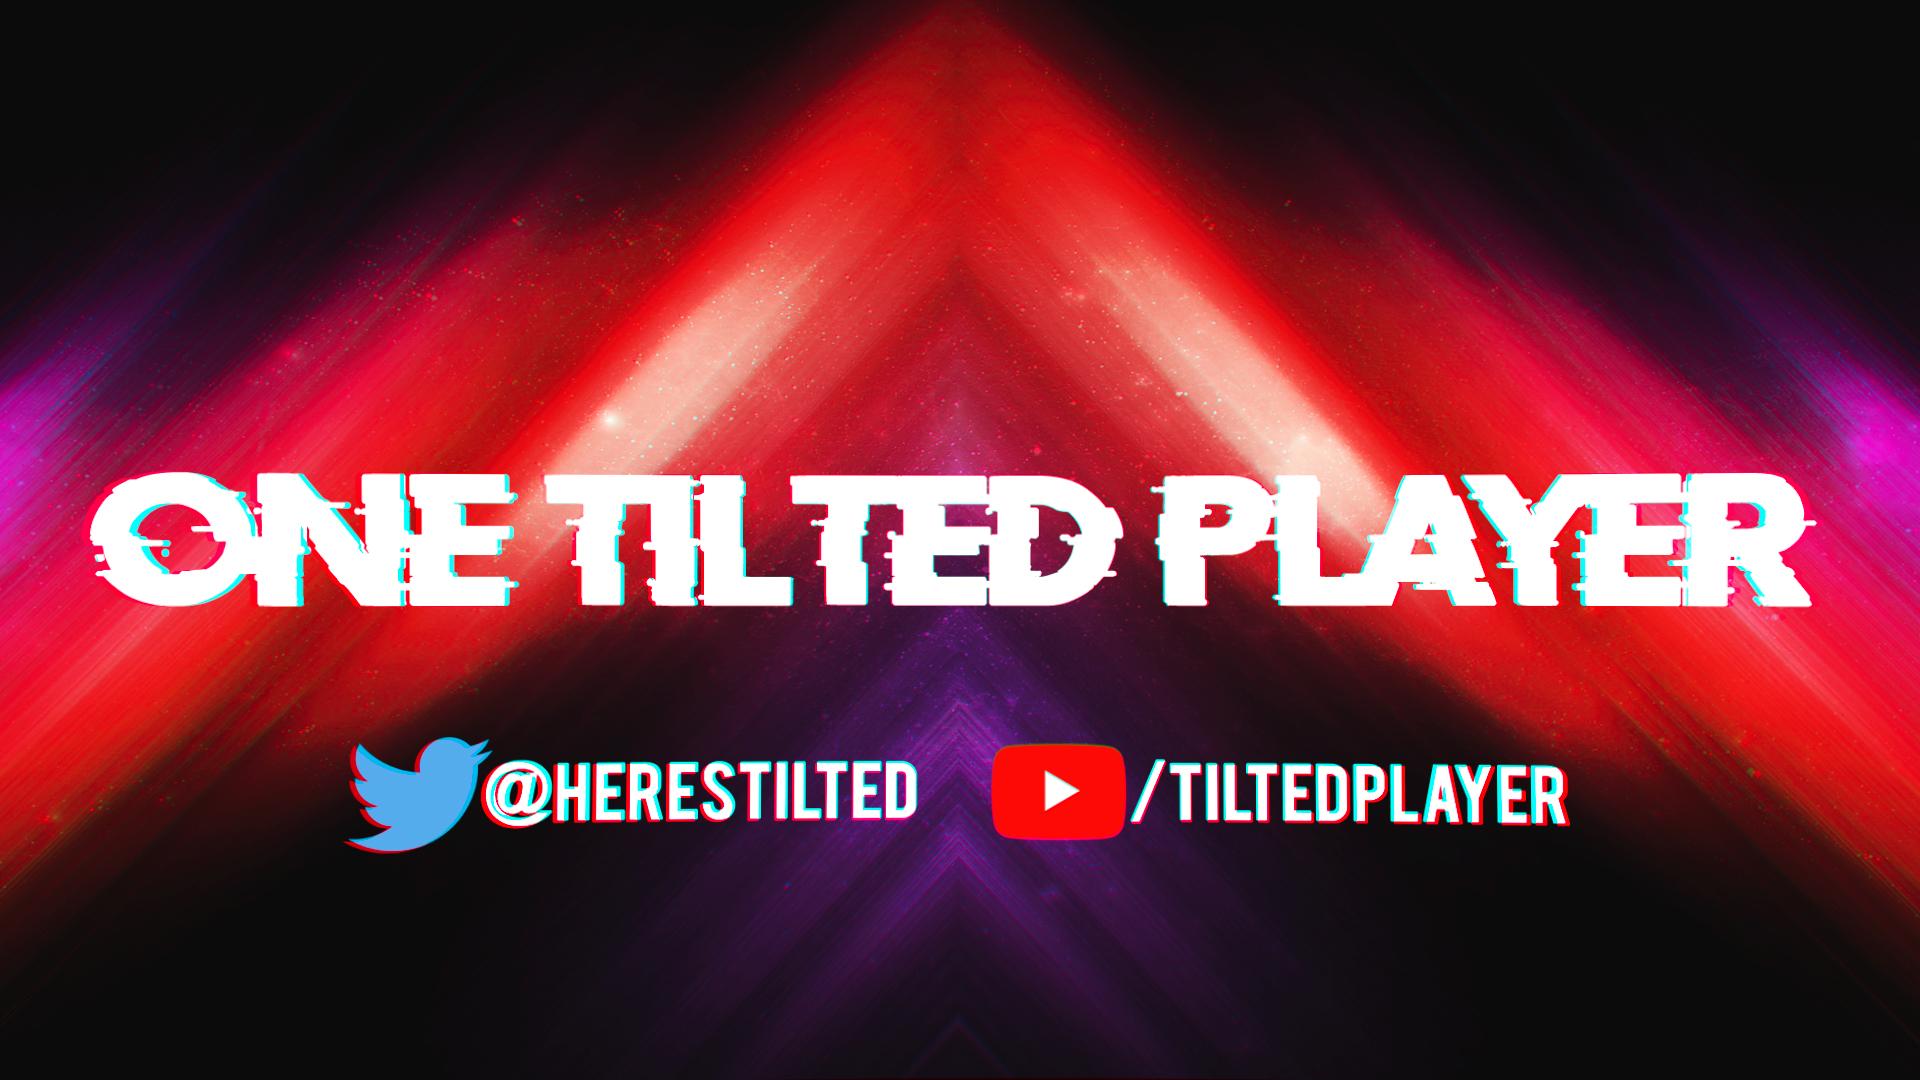 OneTiltedPlayer